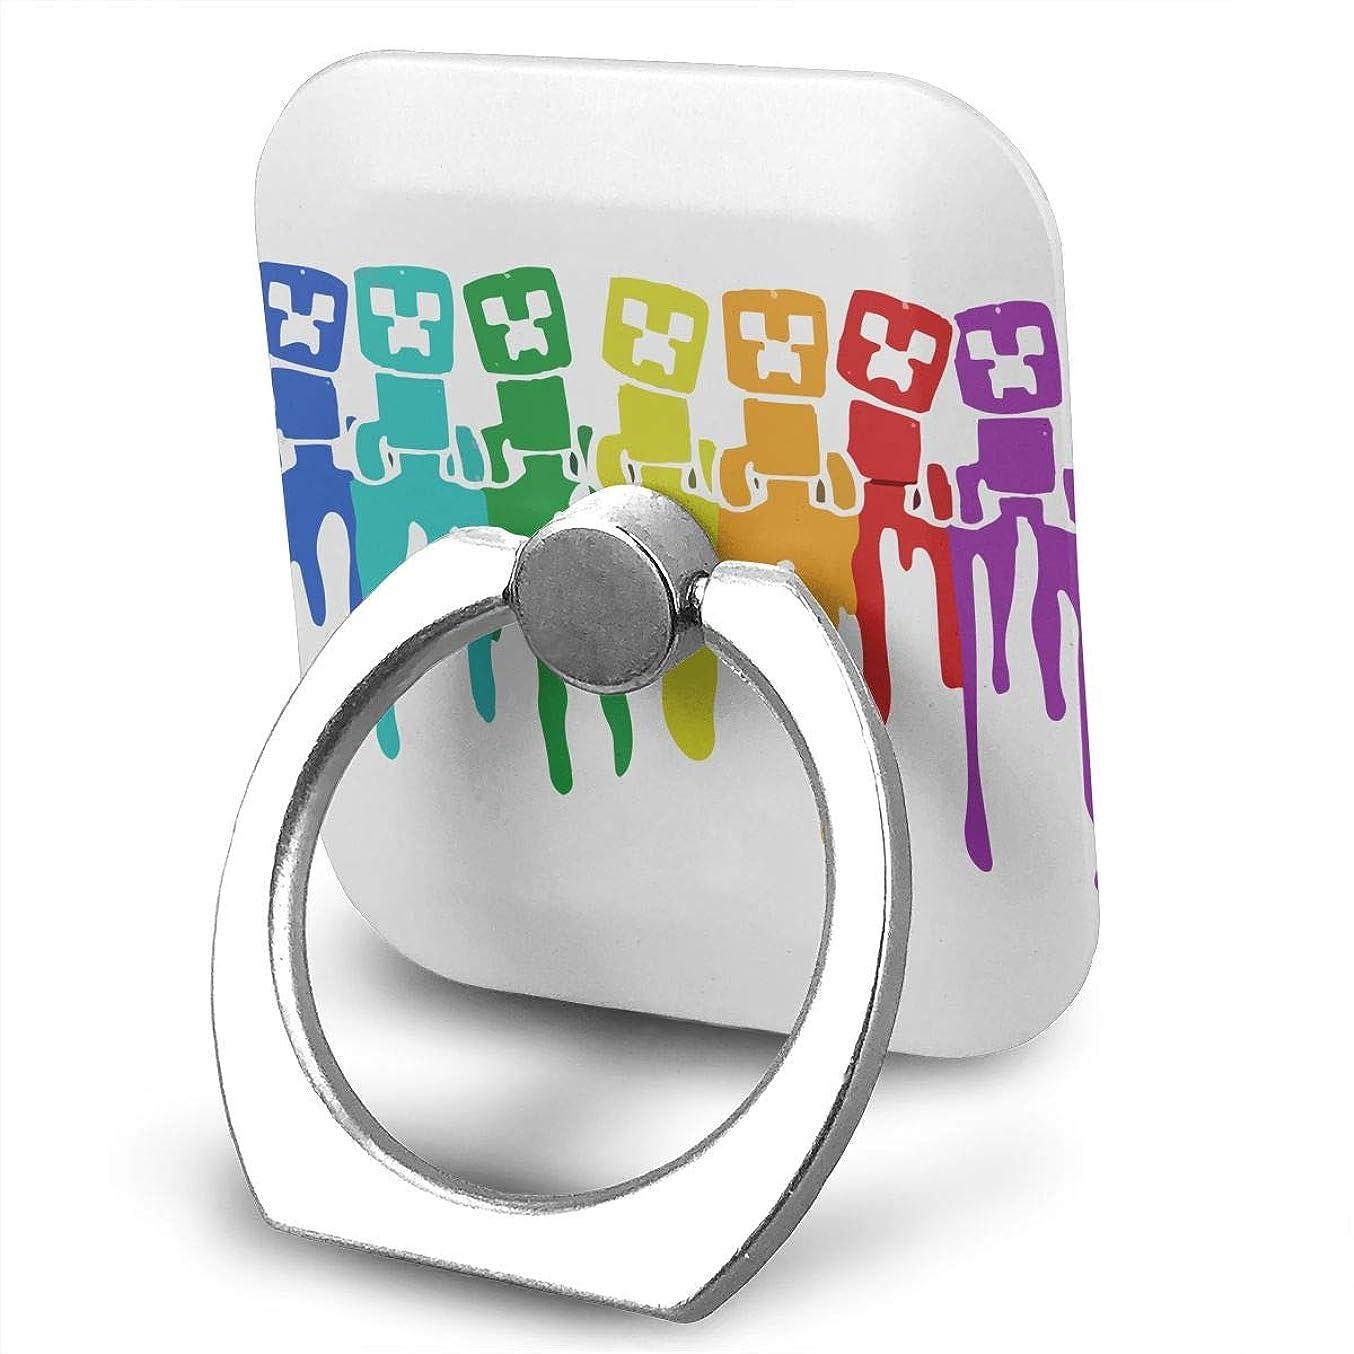 正規化祈る蛾Colorful Creeper スマホ リング ホールドリング 指輪リング スクエアス 薄型 おしゃれ スタンド機能 落下防止 360度回転 タブレット/スマホ IPhone/Android各種他対応